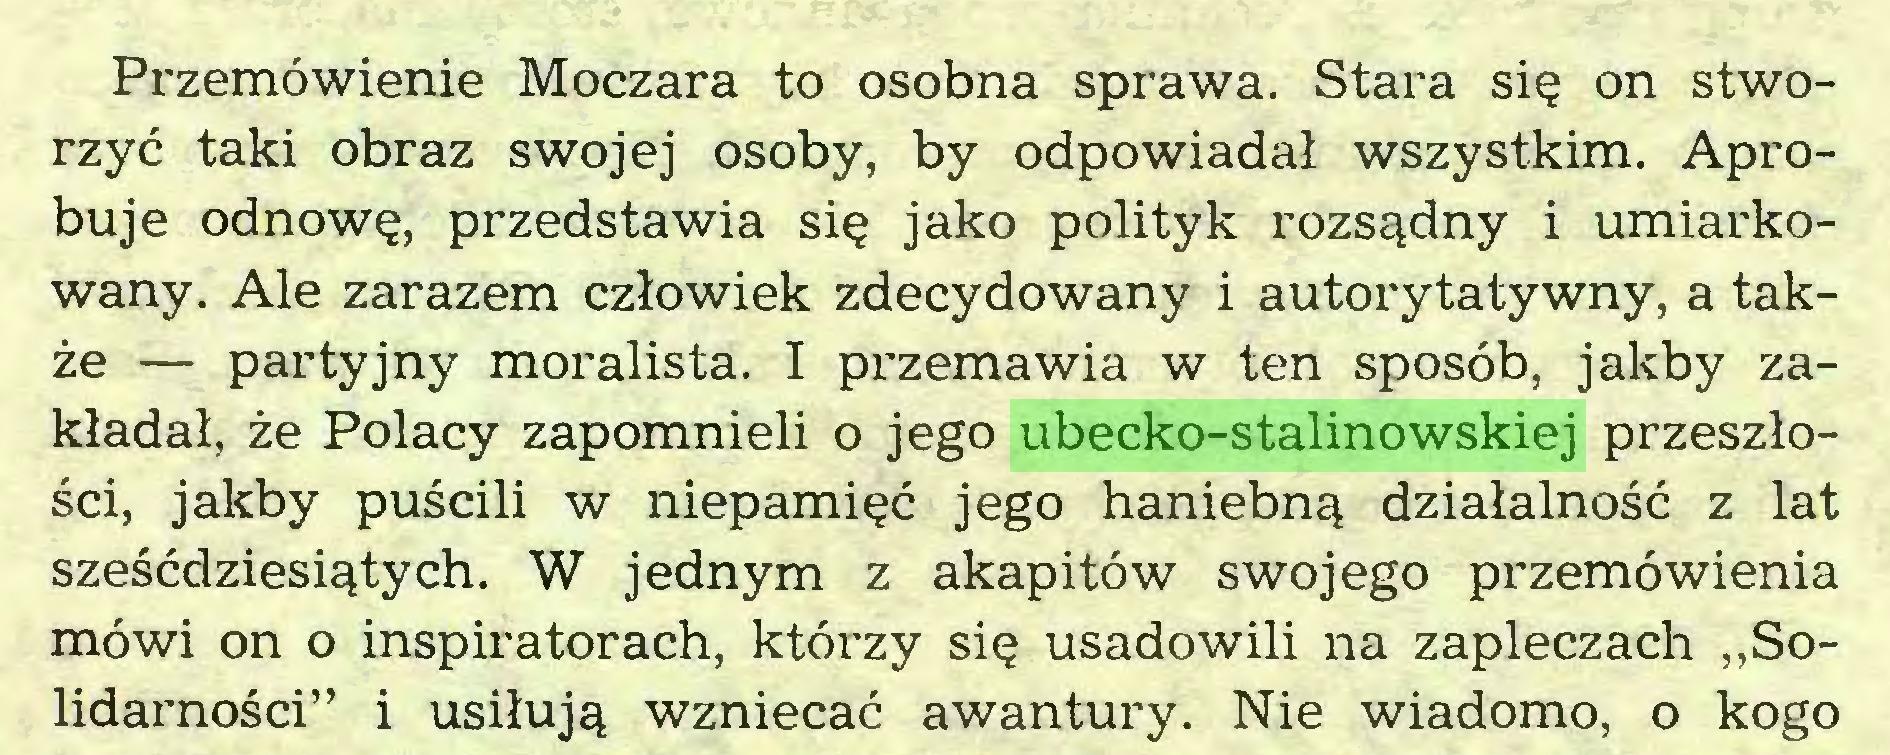 """(...) Przemówienie Moczara to osobna sprawa. Stara się on stworzyć taki obraz swojej osoby, by odpowiadał wszystkim. Aprobuje odnowę, przedstawia się jako polityk rozsądny i umiarkowany. Ale zarazem człowiek zdecydowany i autorytatywny, a także — partyjny moralista. I przemawia w ten sposób, jakby zakładał, że Polacy zapomnieli o jego ubecko-stalinowskiej przeszłości, jakby puścili w niepamięć jego haniebną działalność z lat sześćdziesiątych. W jednym z akapitów swojego przemówienia mówi on o inspiratorach, którzy się usadowili na zapleczach """"Solidarności"""" i usiłują wzniecać awantury. Nie wiadomo, o kogo..."""